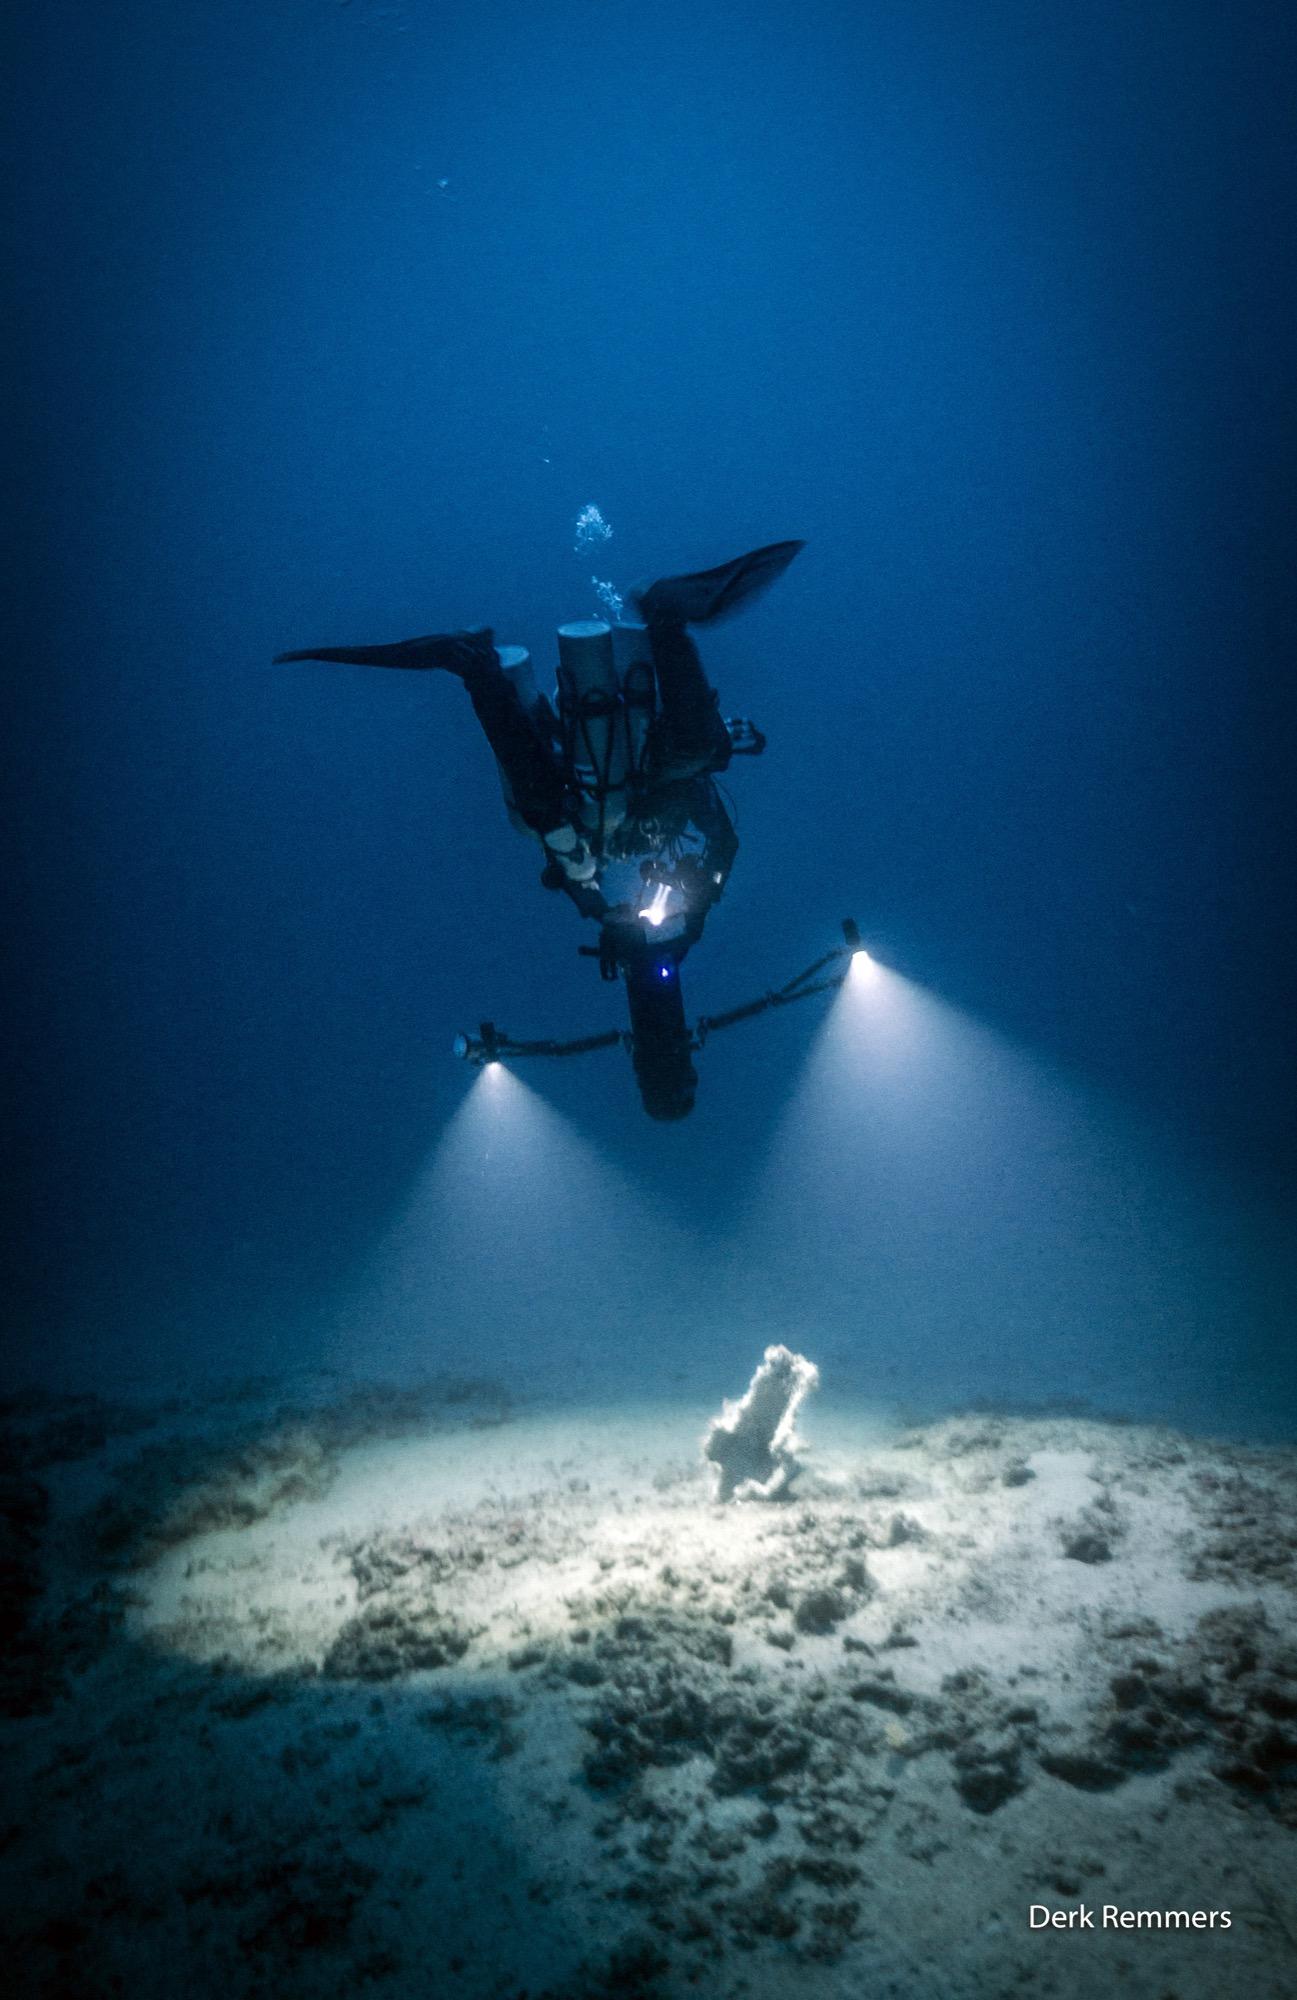 """Tra i 75 e i 95 metri di profondità, nei fondali a nord – ovest dell'isola di Levanzo, nel corso della campagna di ricerche effettuata nel mese di ottobre 2017 dalla Soprintendenza del Mare in collaborazione con i subacquei altofondalisti della GUE (Global Underwater Explorers), sono state effettuate delle scoperte di grande interesse scientifico che ampliano di molto le nostre conoscenze sulla """"Battaglia delle Egadi"""" il cui luogo ove avvenne era stato già identificato negli anni scorsi. Le ricerche effettuate nel corso di questa campagna hanno interessato un'area a forte presenza di emergenze rocciose sul fondale marino ed è stata"""